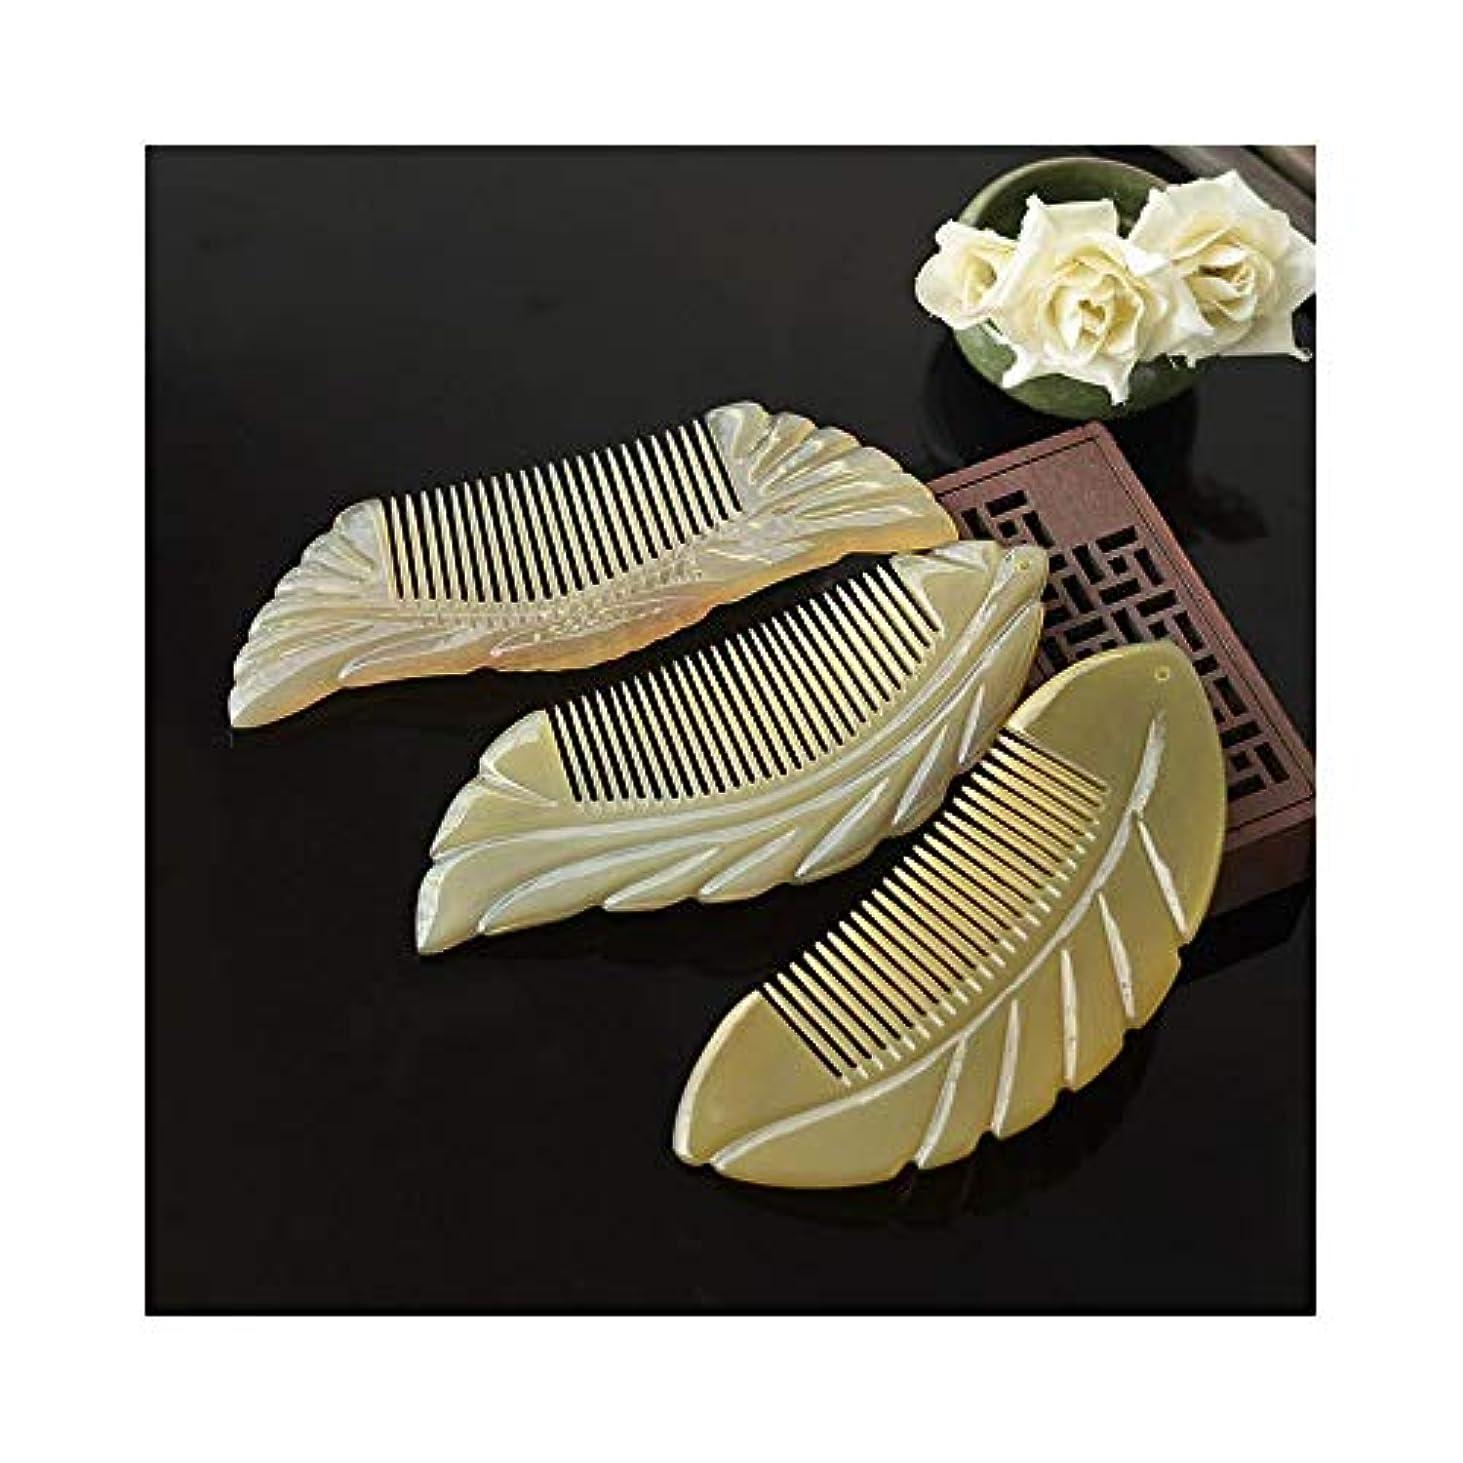 慎重ジェットつらいFashian自然工芸バッファローホーン櫛は、女性のための手作りテールコームを彫 ヘアケア (色 : 7041)